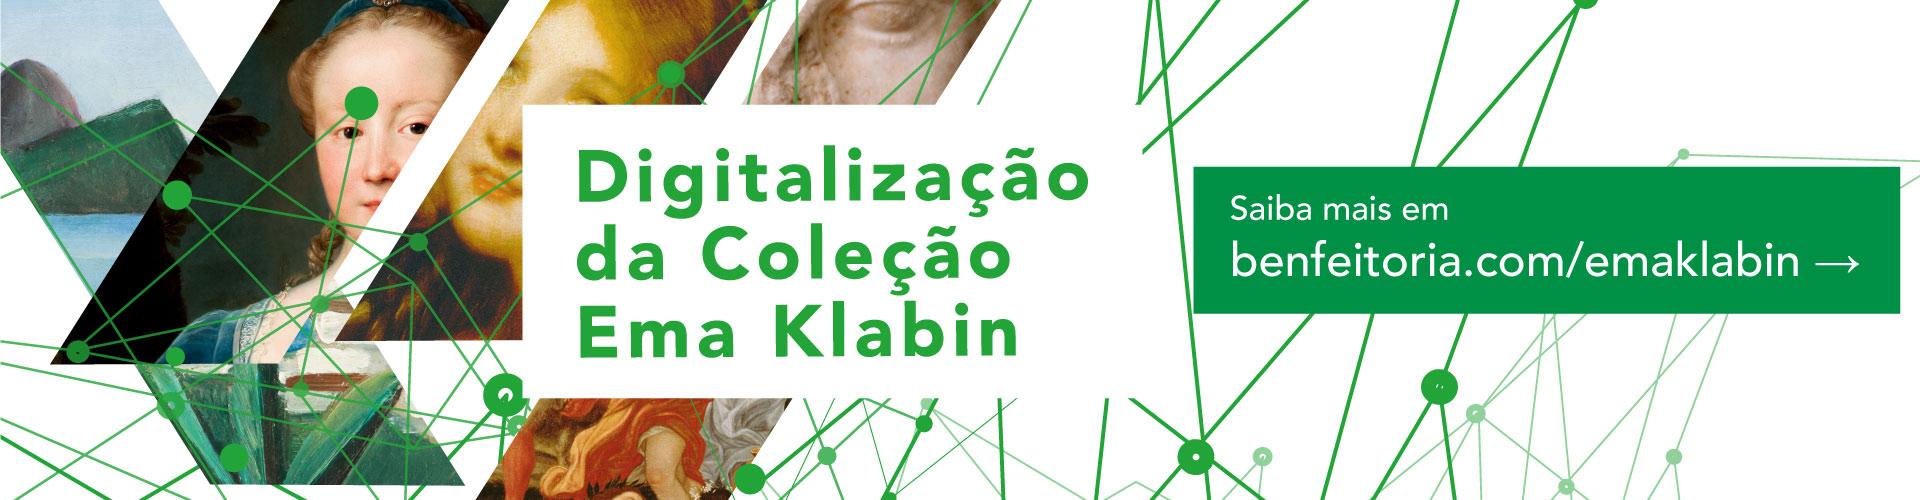 Digitalização da Coleção Ema Klabin